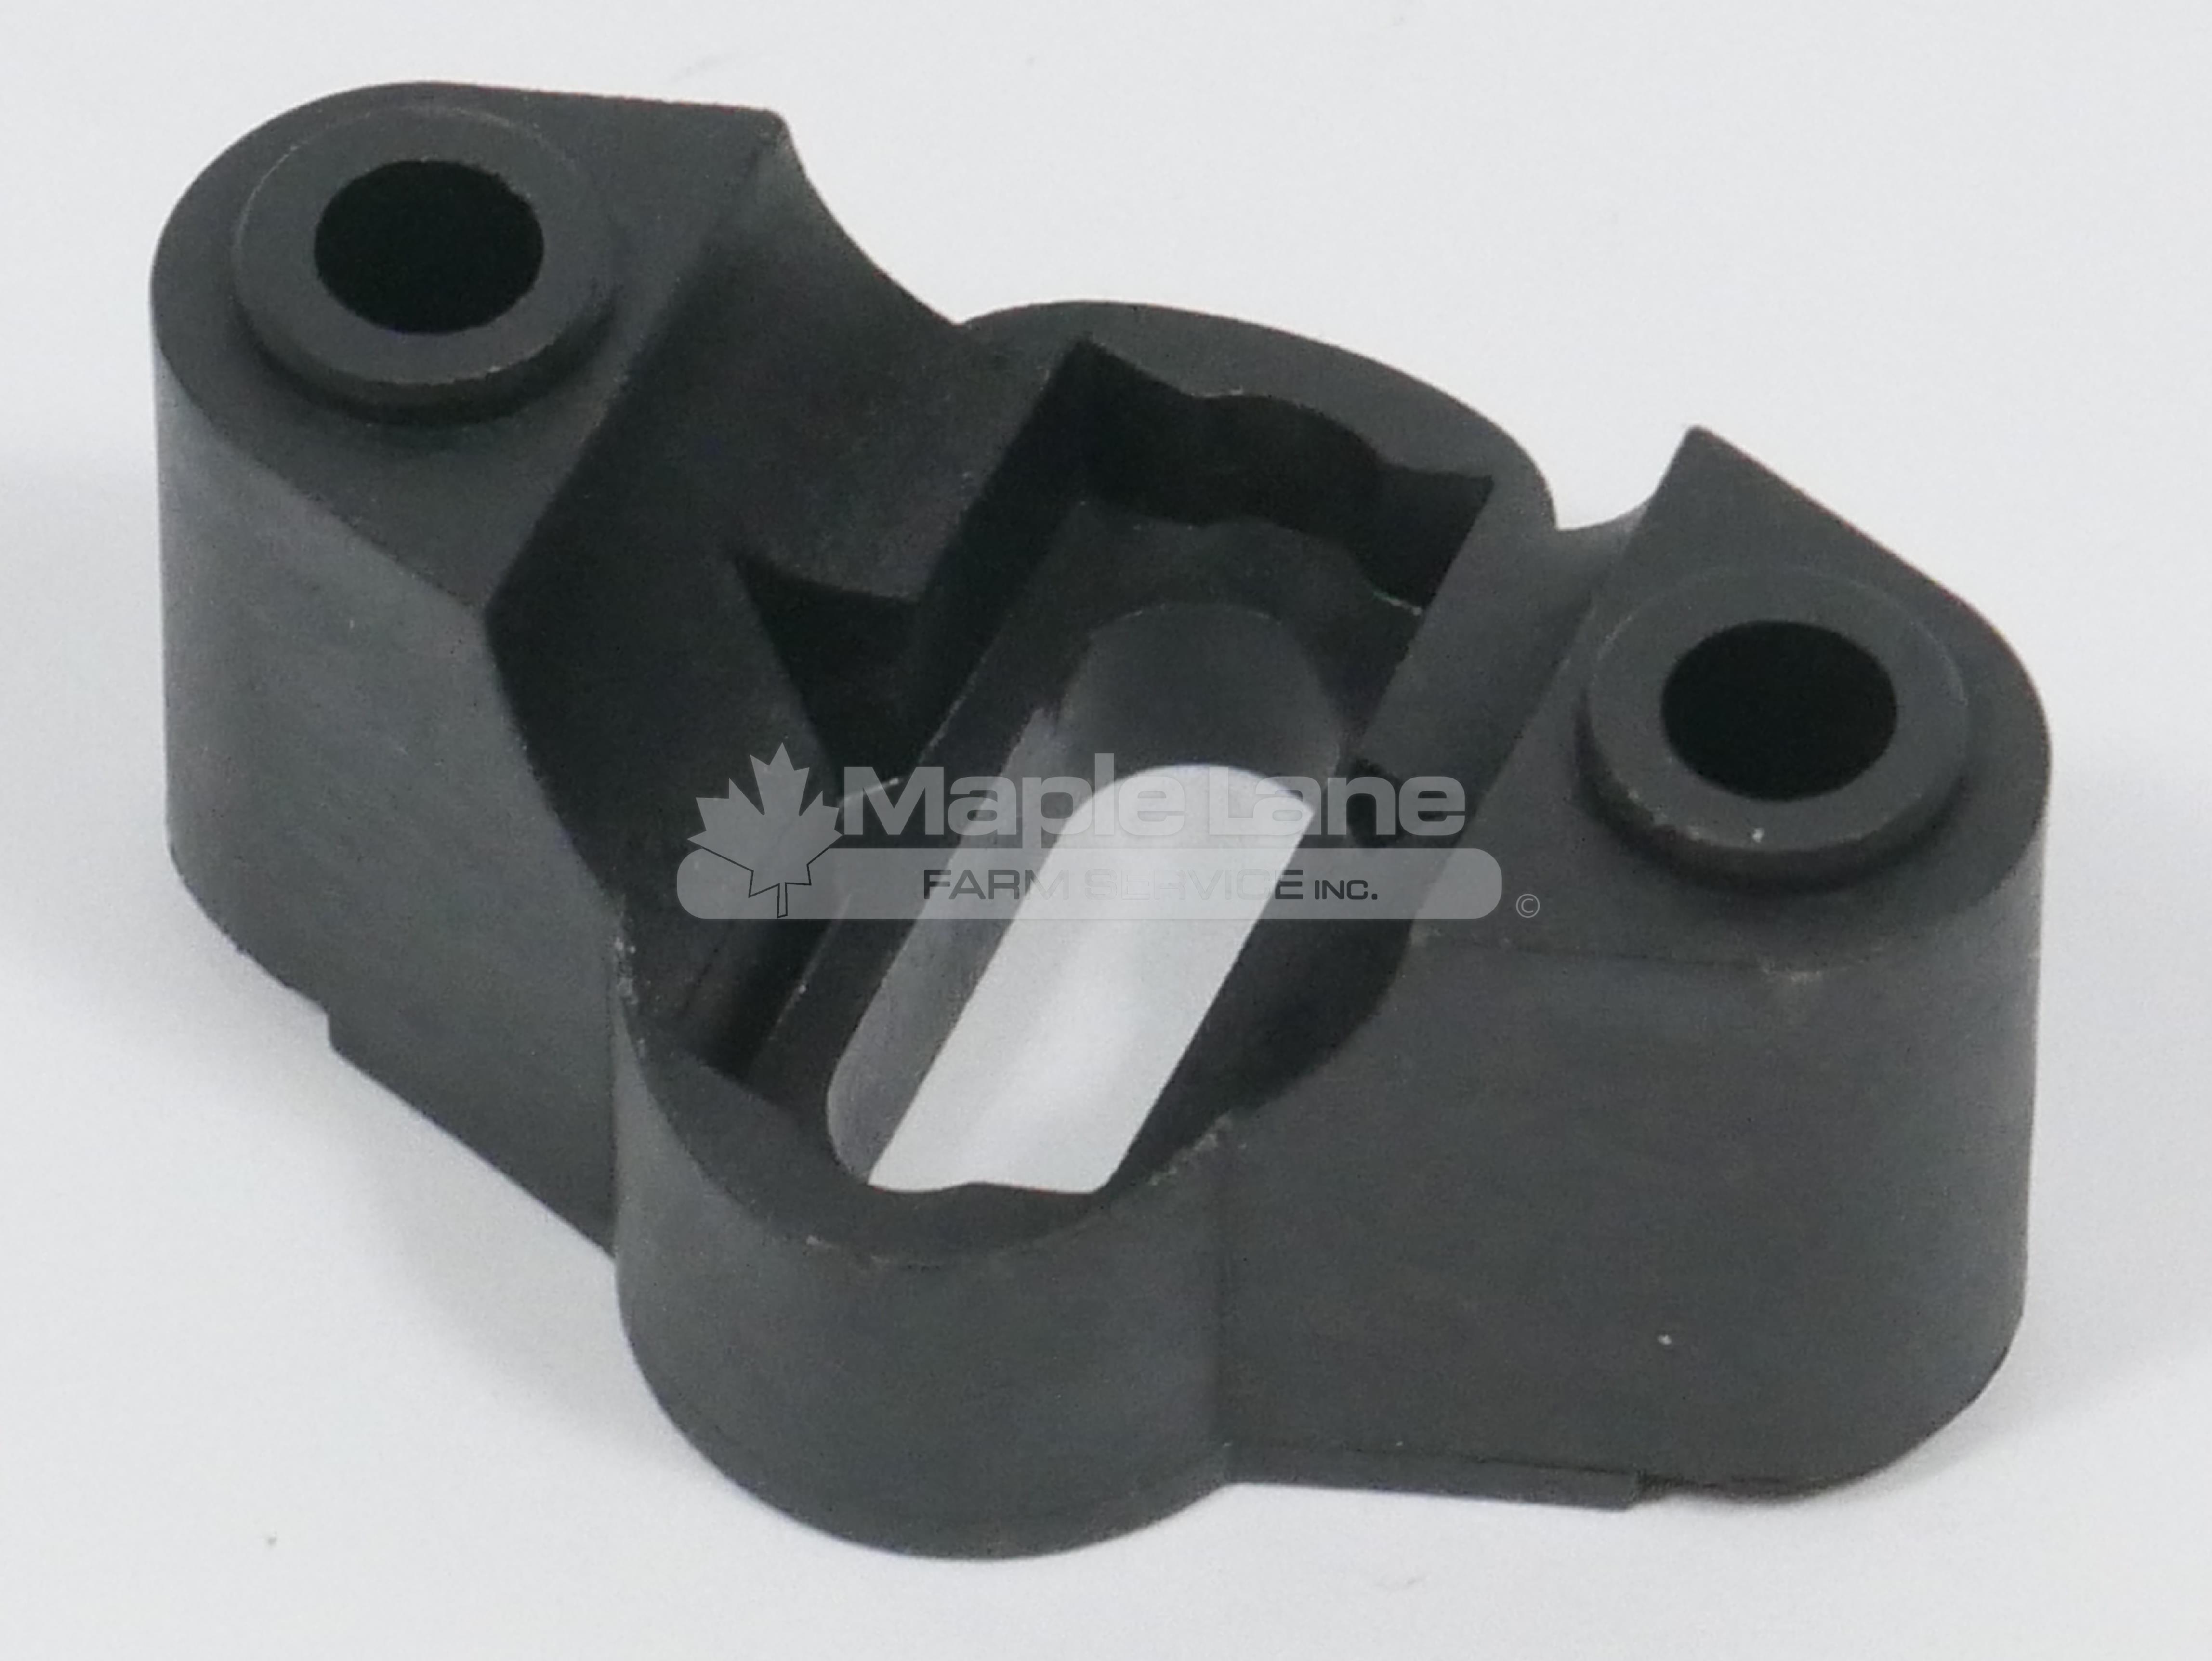 334220 yoke upper nozzle body